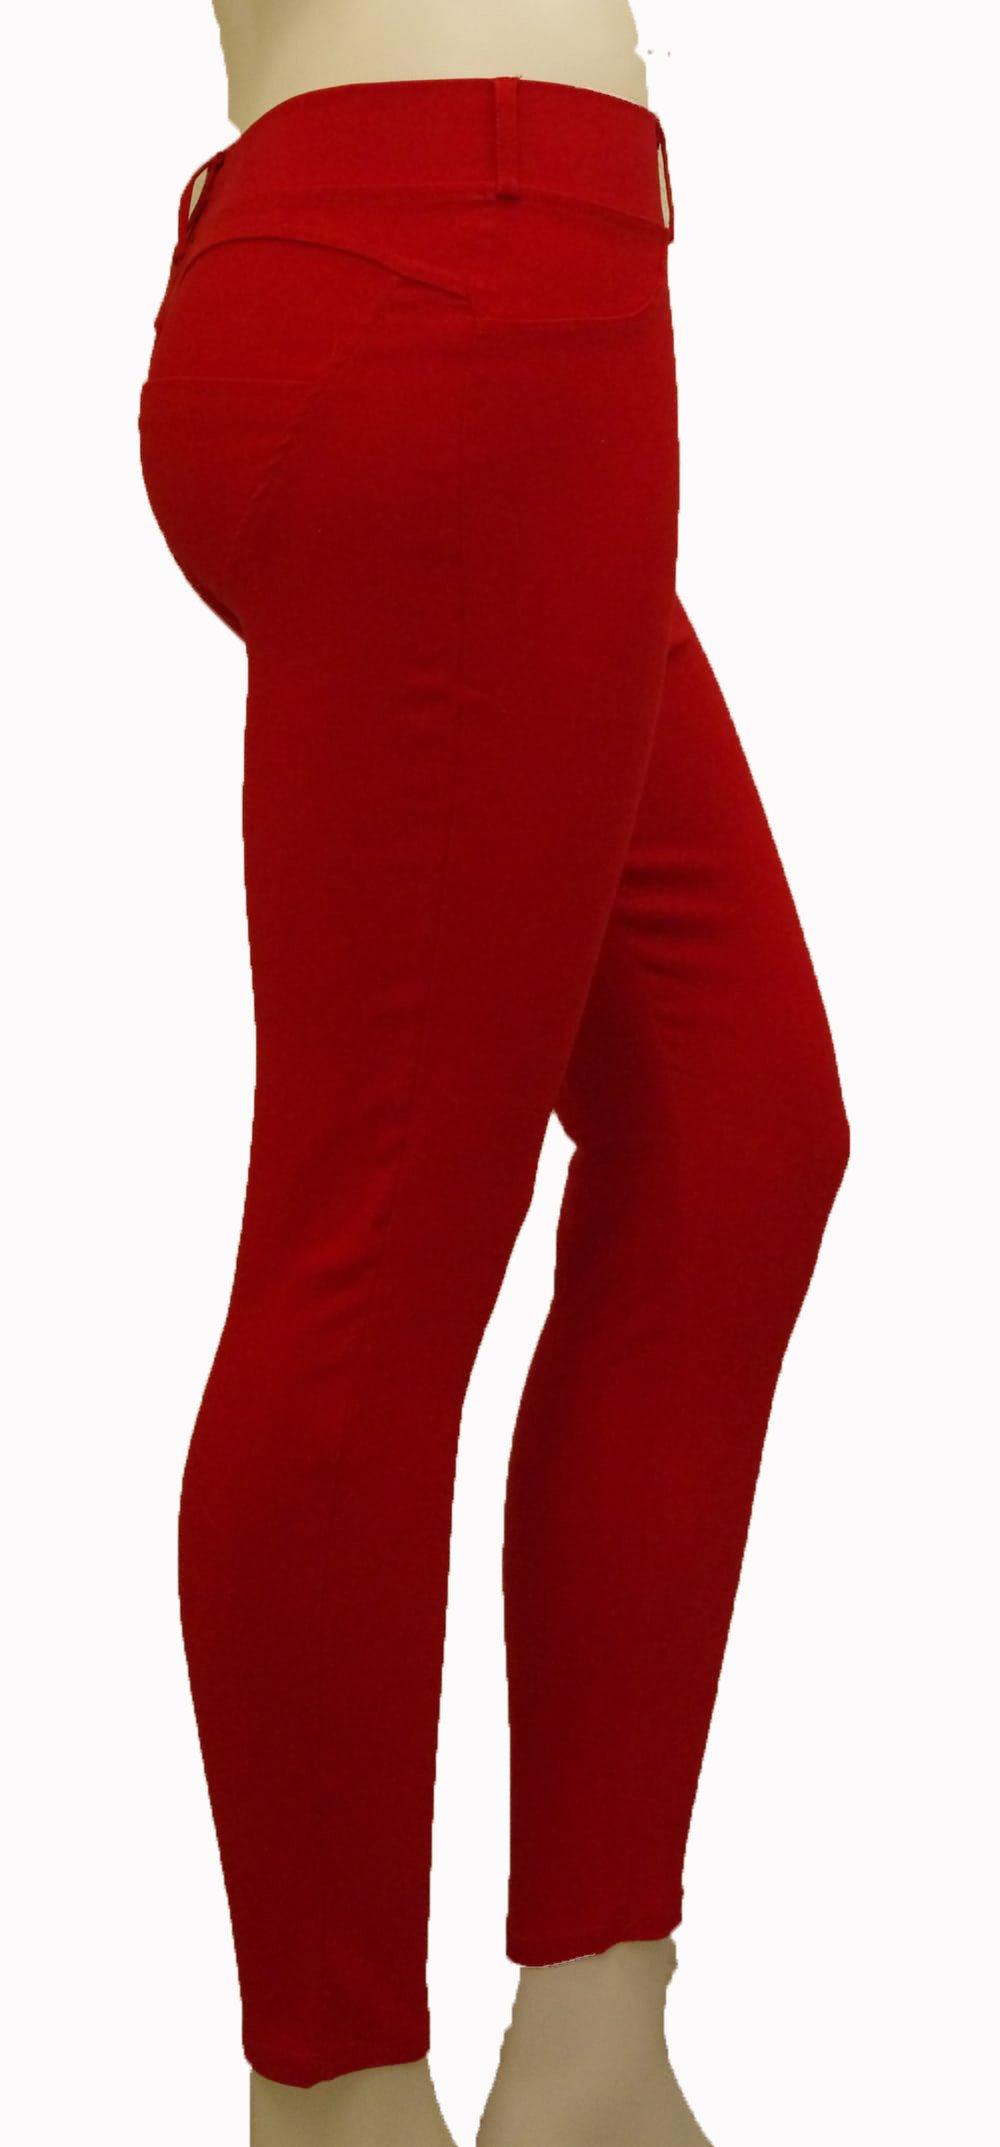 Rumpbyxa Röd